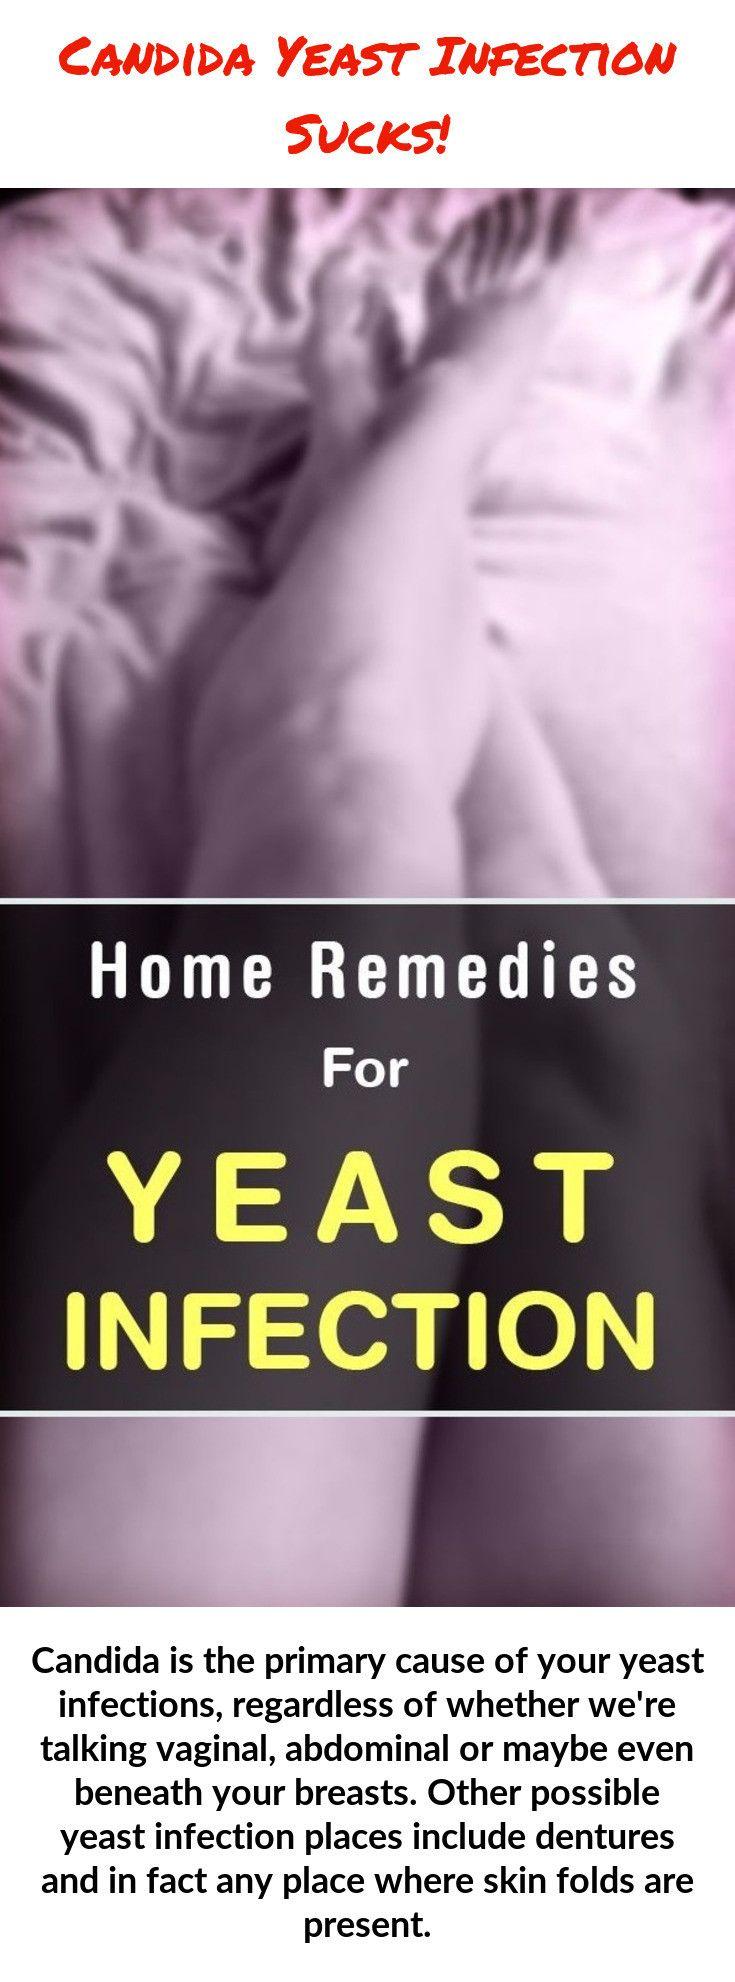 6f0ee1a278a71904e5e6b28b5ec60d90 - How To Get Rid Of Yeast Infection In Skin Folds